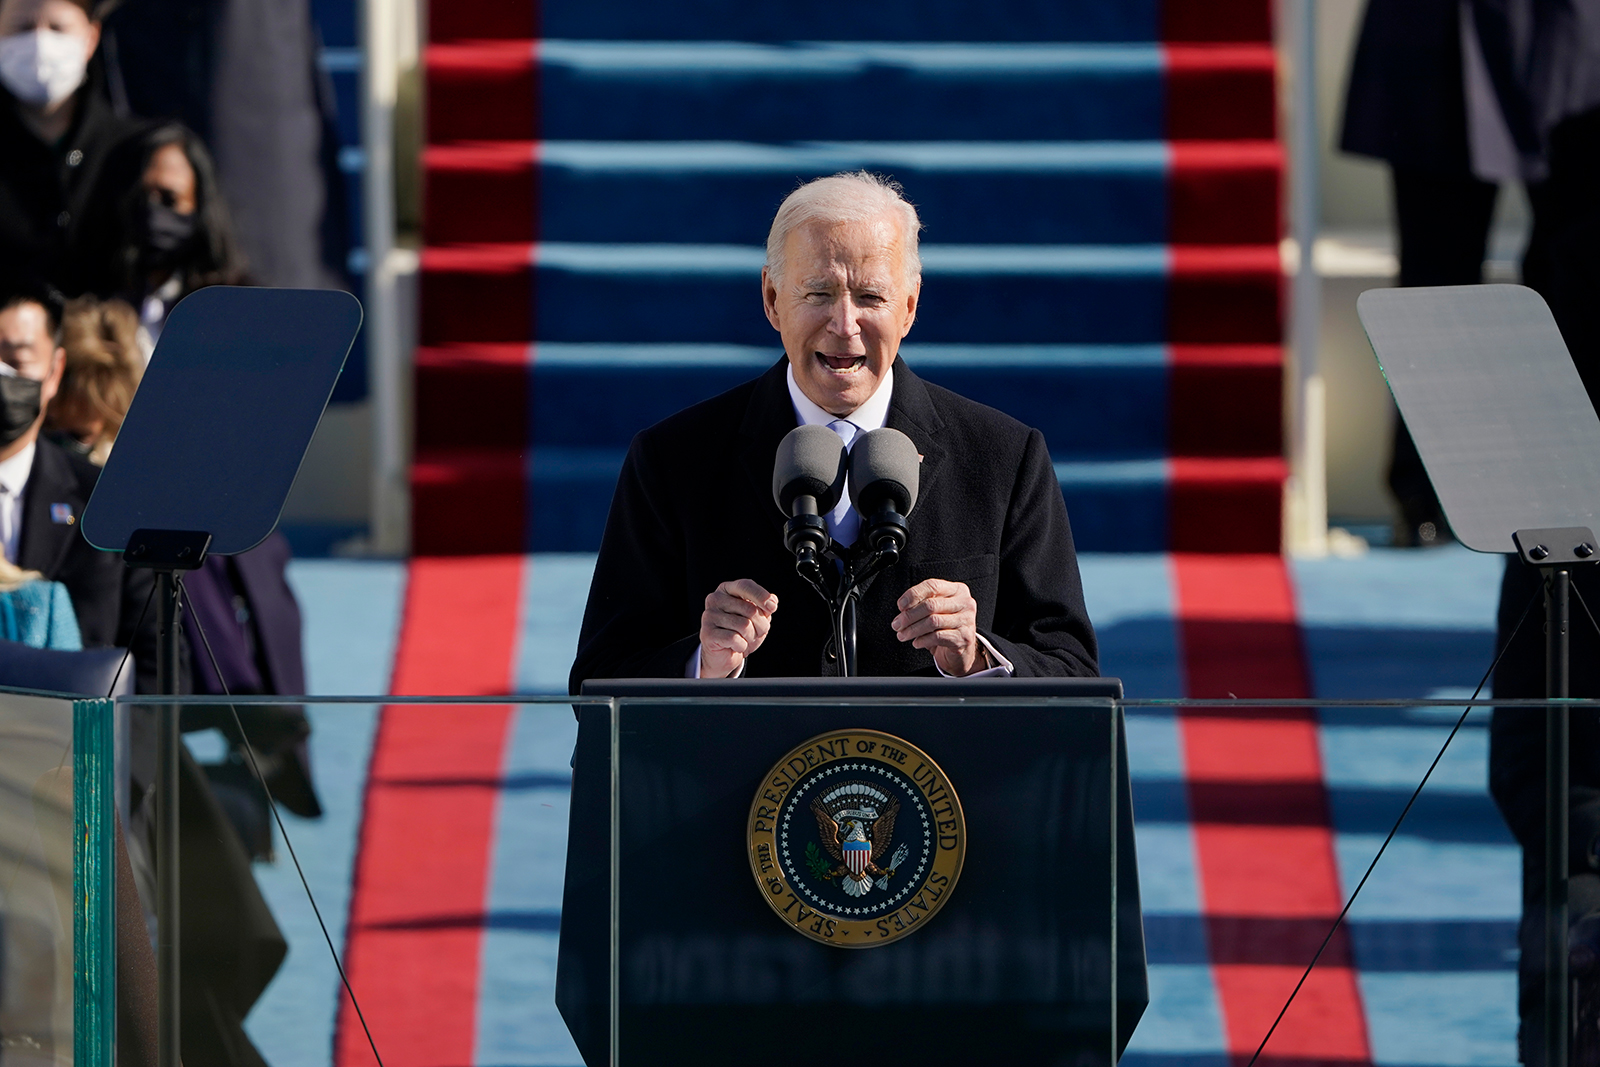 Biden speech draws high praise across media — even on Fox News